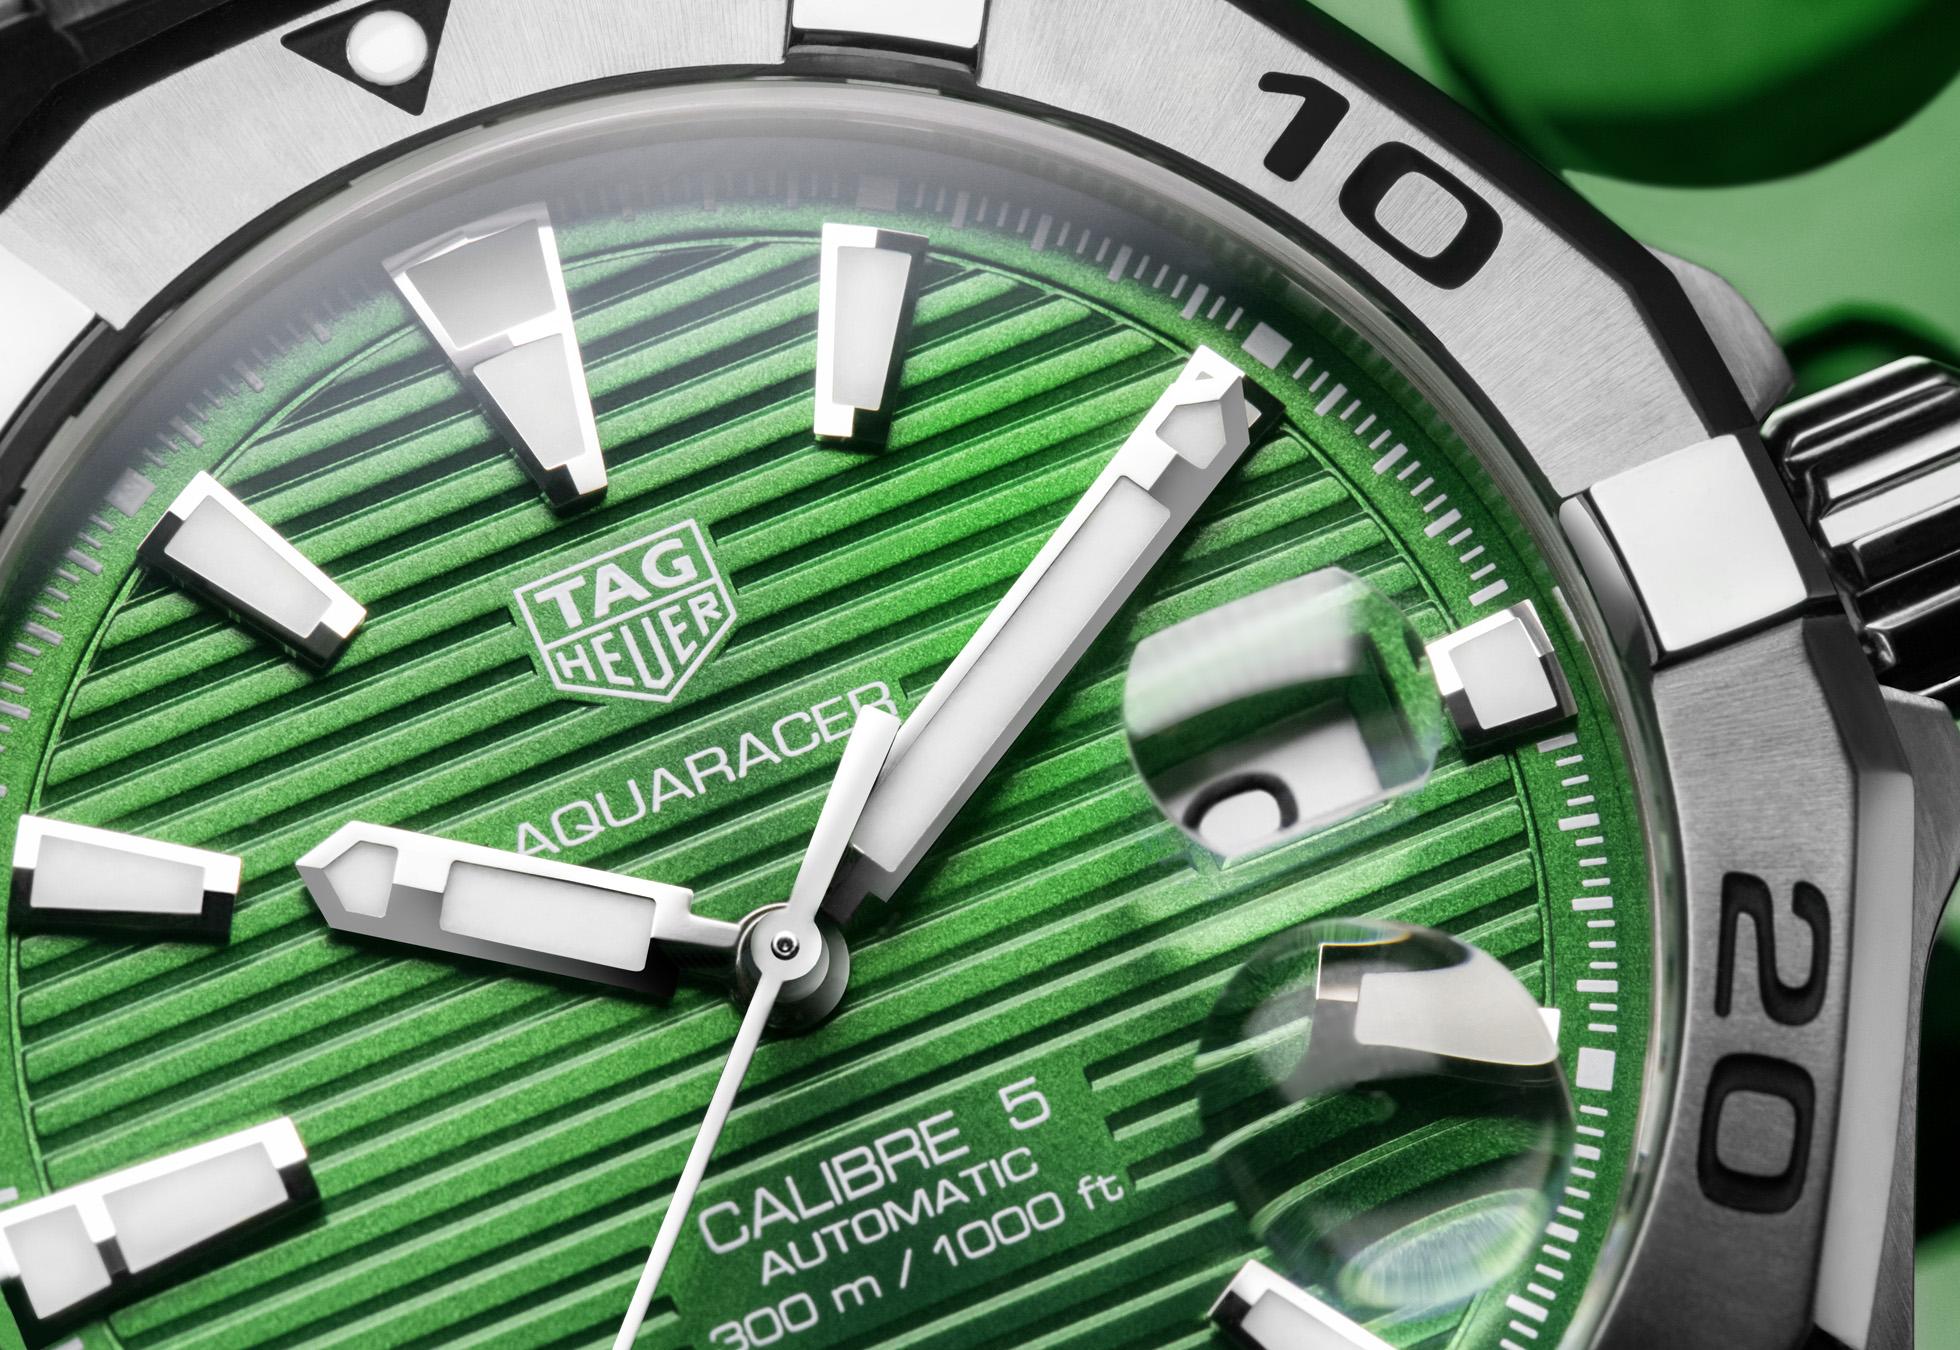 TAG Heuer Aquaracer Green close